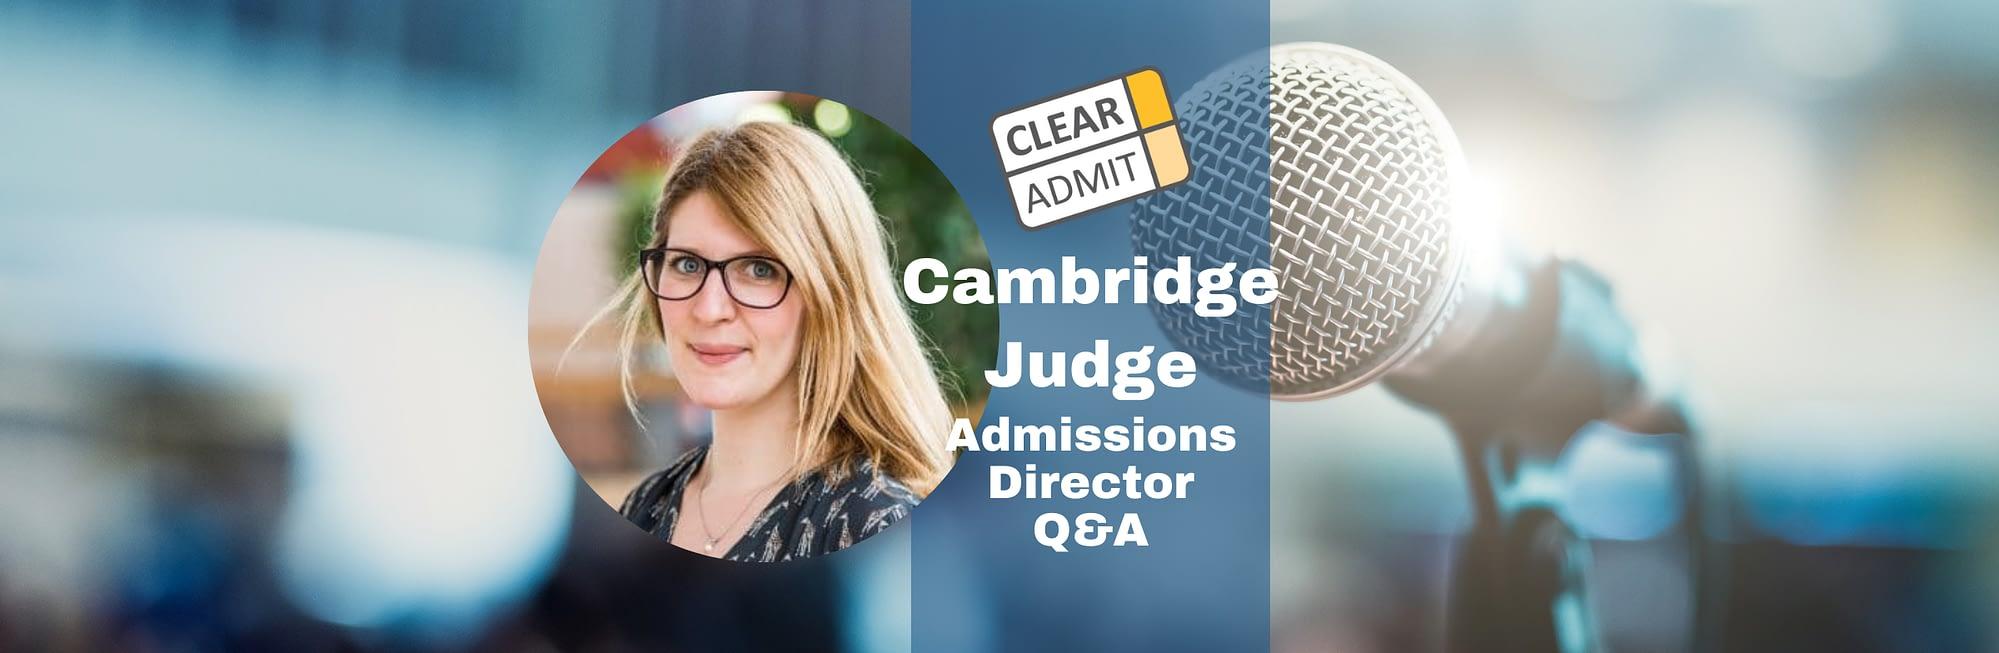 admissions cambridge judge